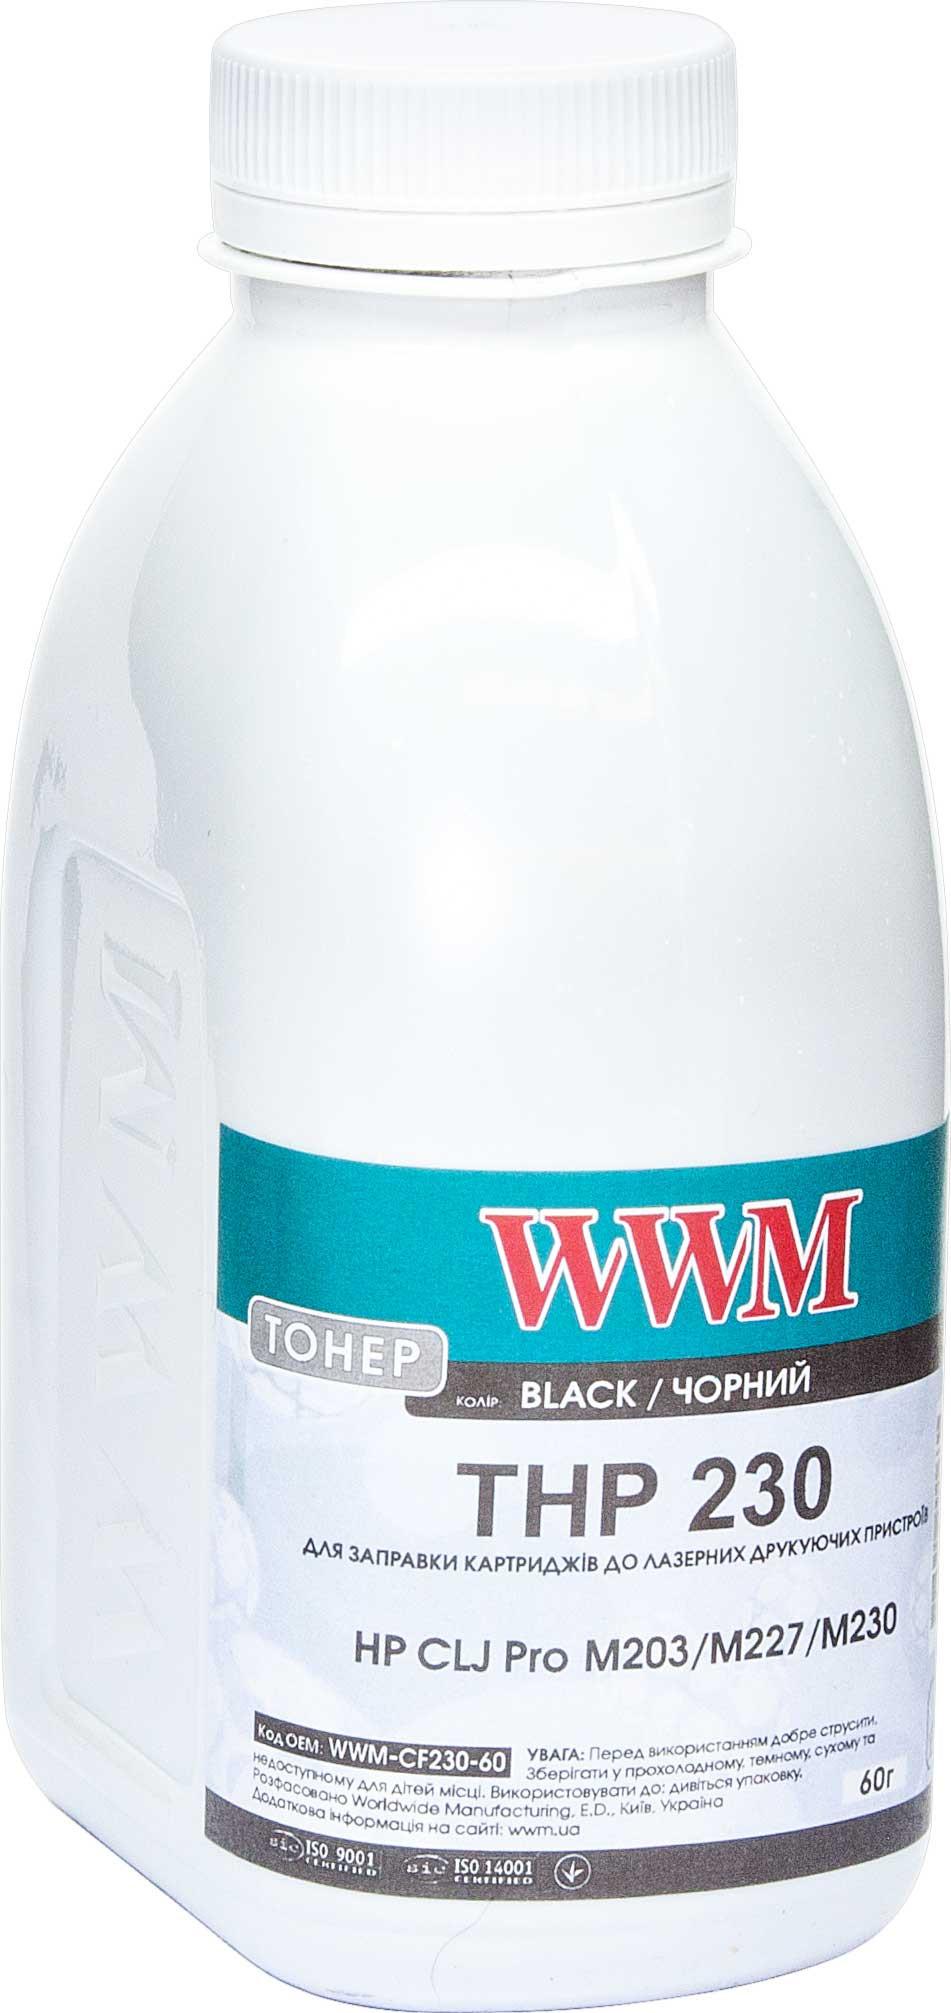 Купить Тонер WWM for HP LJ Pro M203/M227/M230 Black бутль 60g, WWM-CF230-60